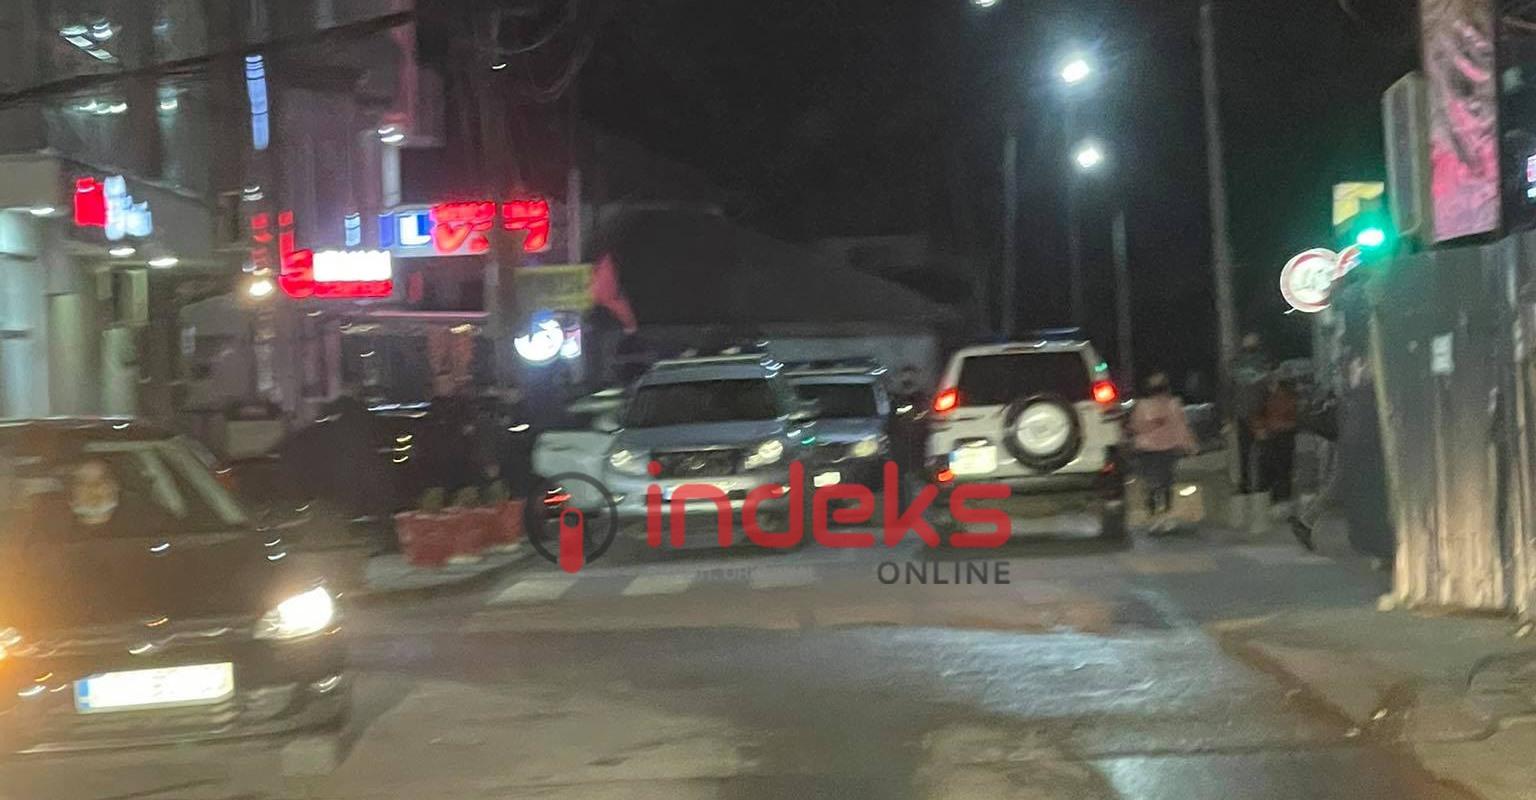 Vazhdon aksioni i Policisë së Kosovës/ Bastiset një lokal i lojërave të  fatit në Podujevë - Indeksonline.net